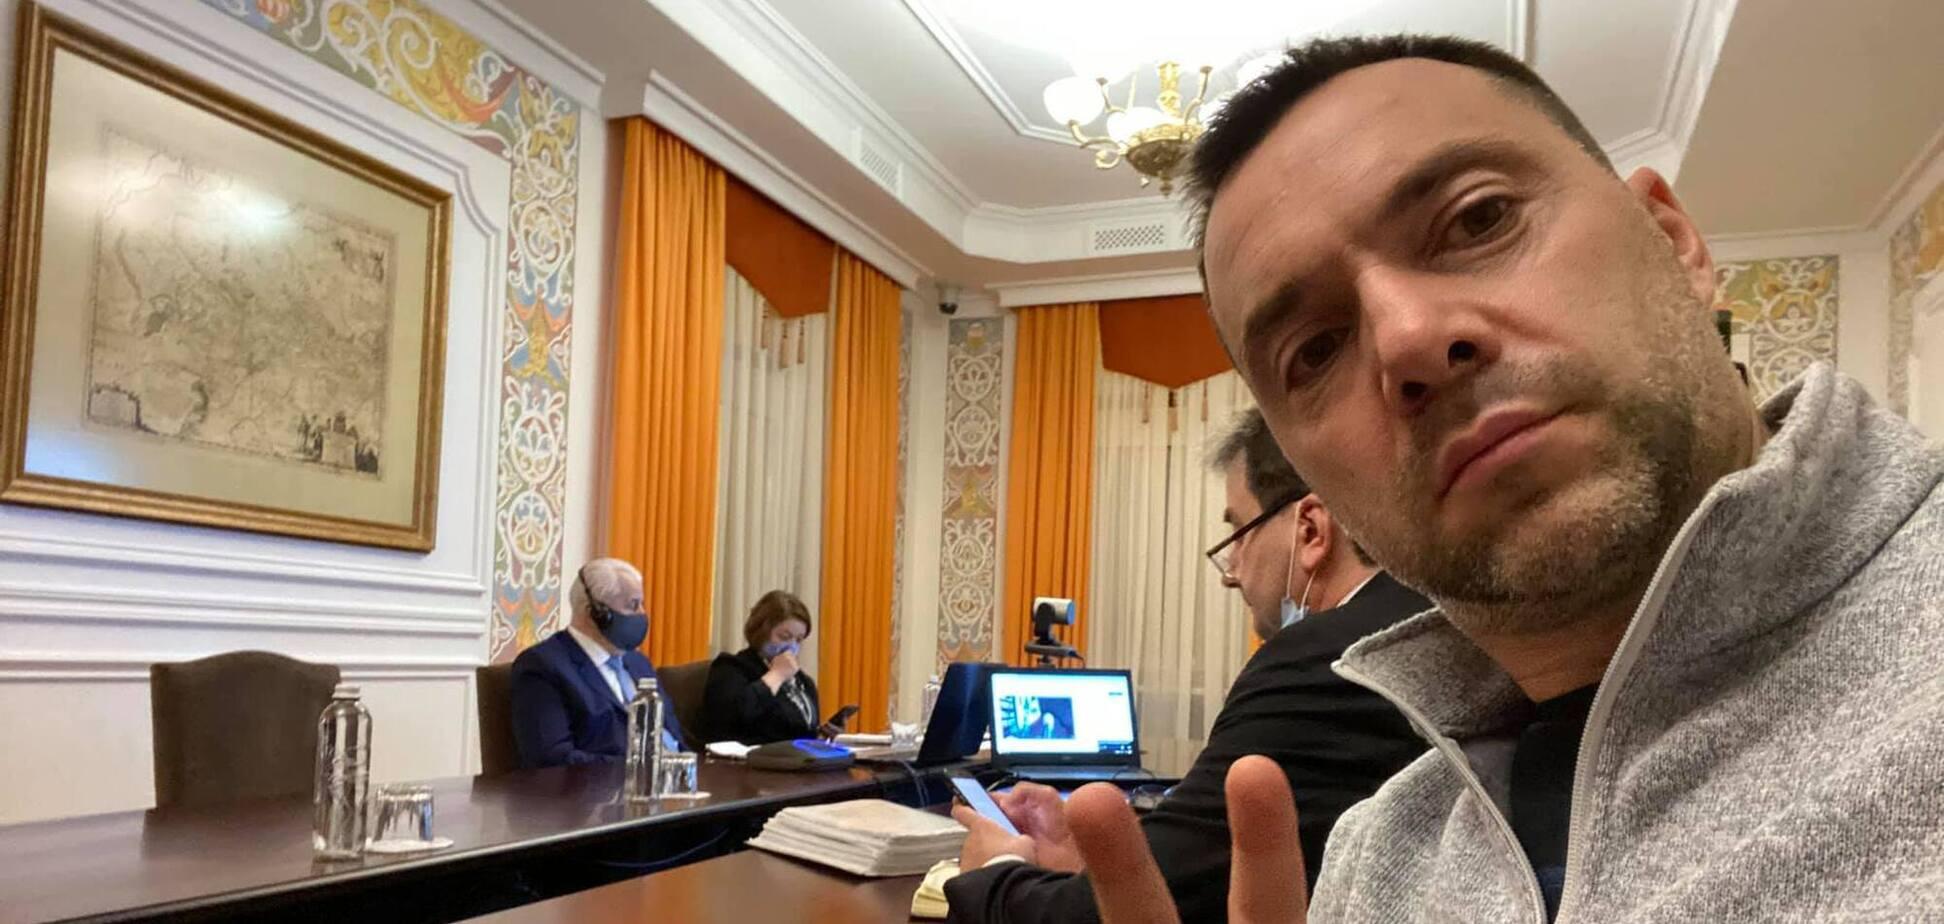 Екстрене засідання ТКГ почалося о 15:00